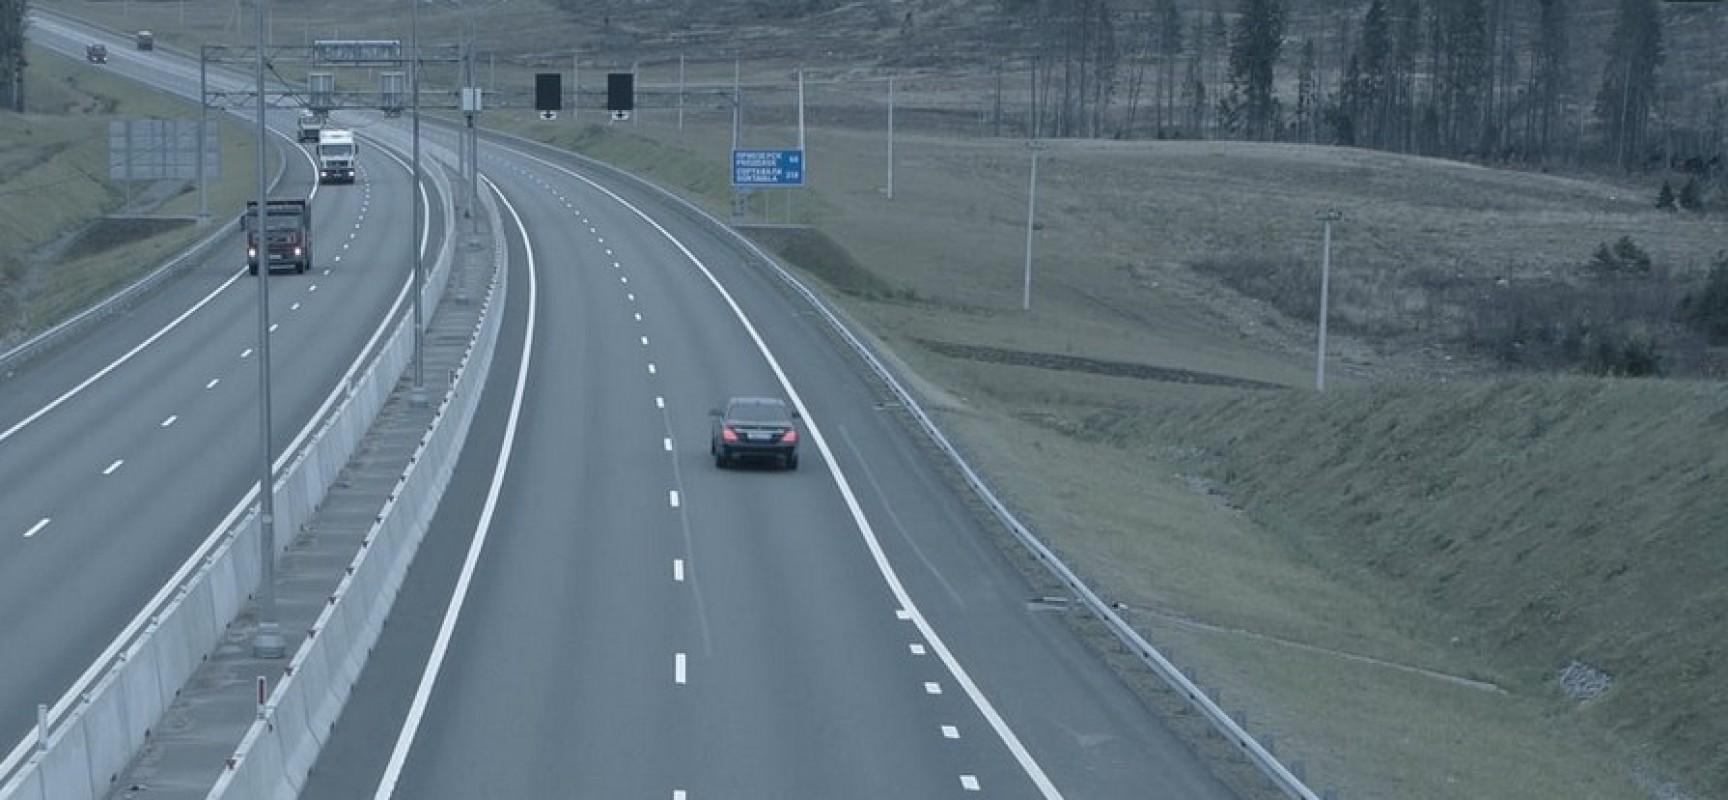 ЗАО «ВАД» завершила проектно-изыскательские работы для строительства автомобильного подхода к Крымскому мосту со стороны Керчи